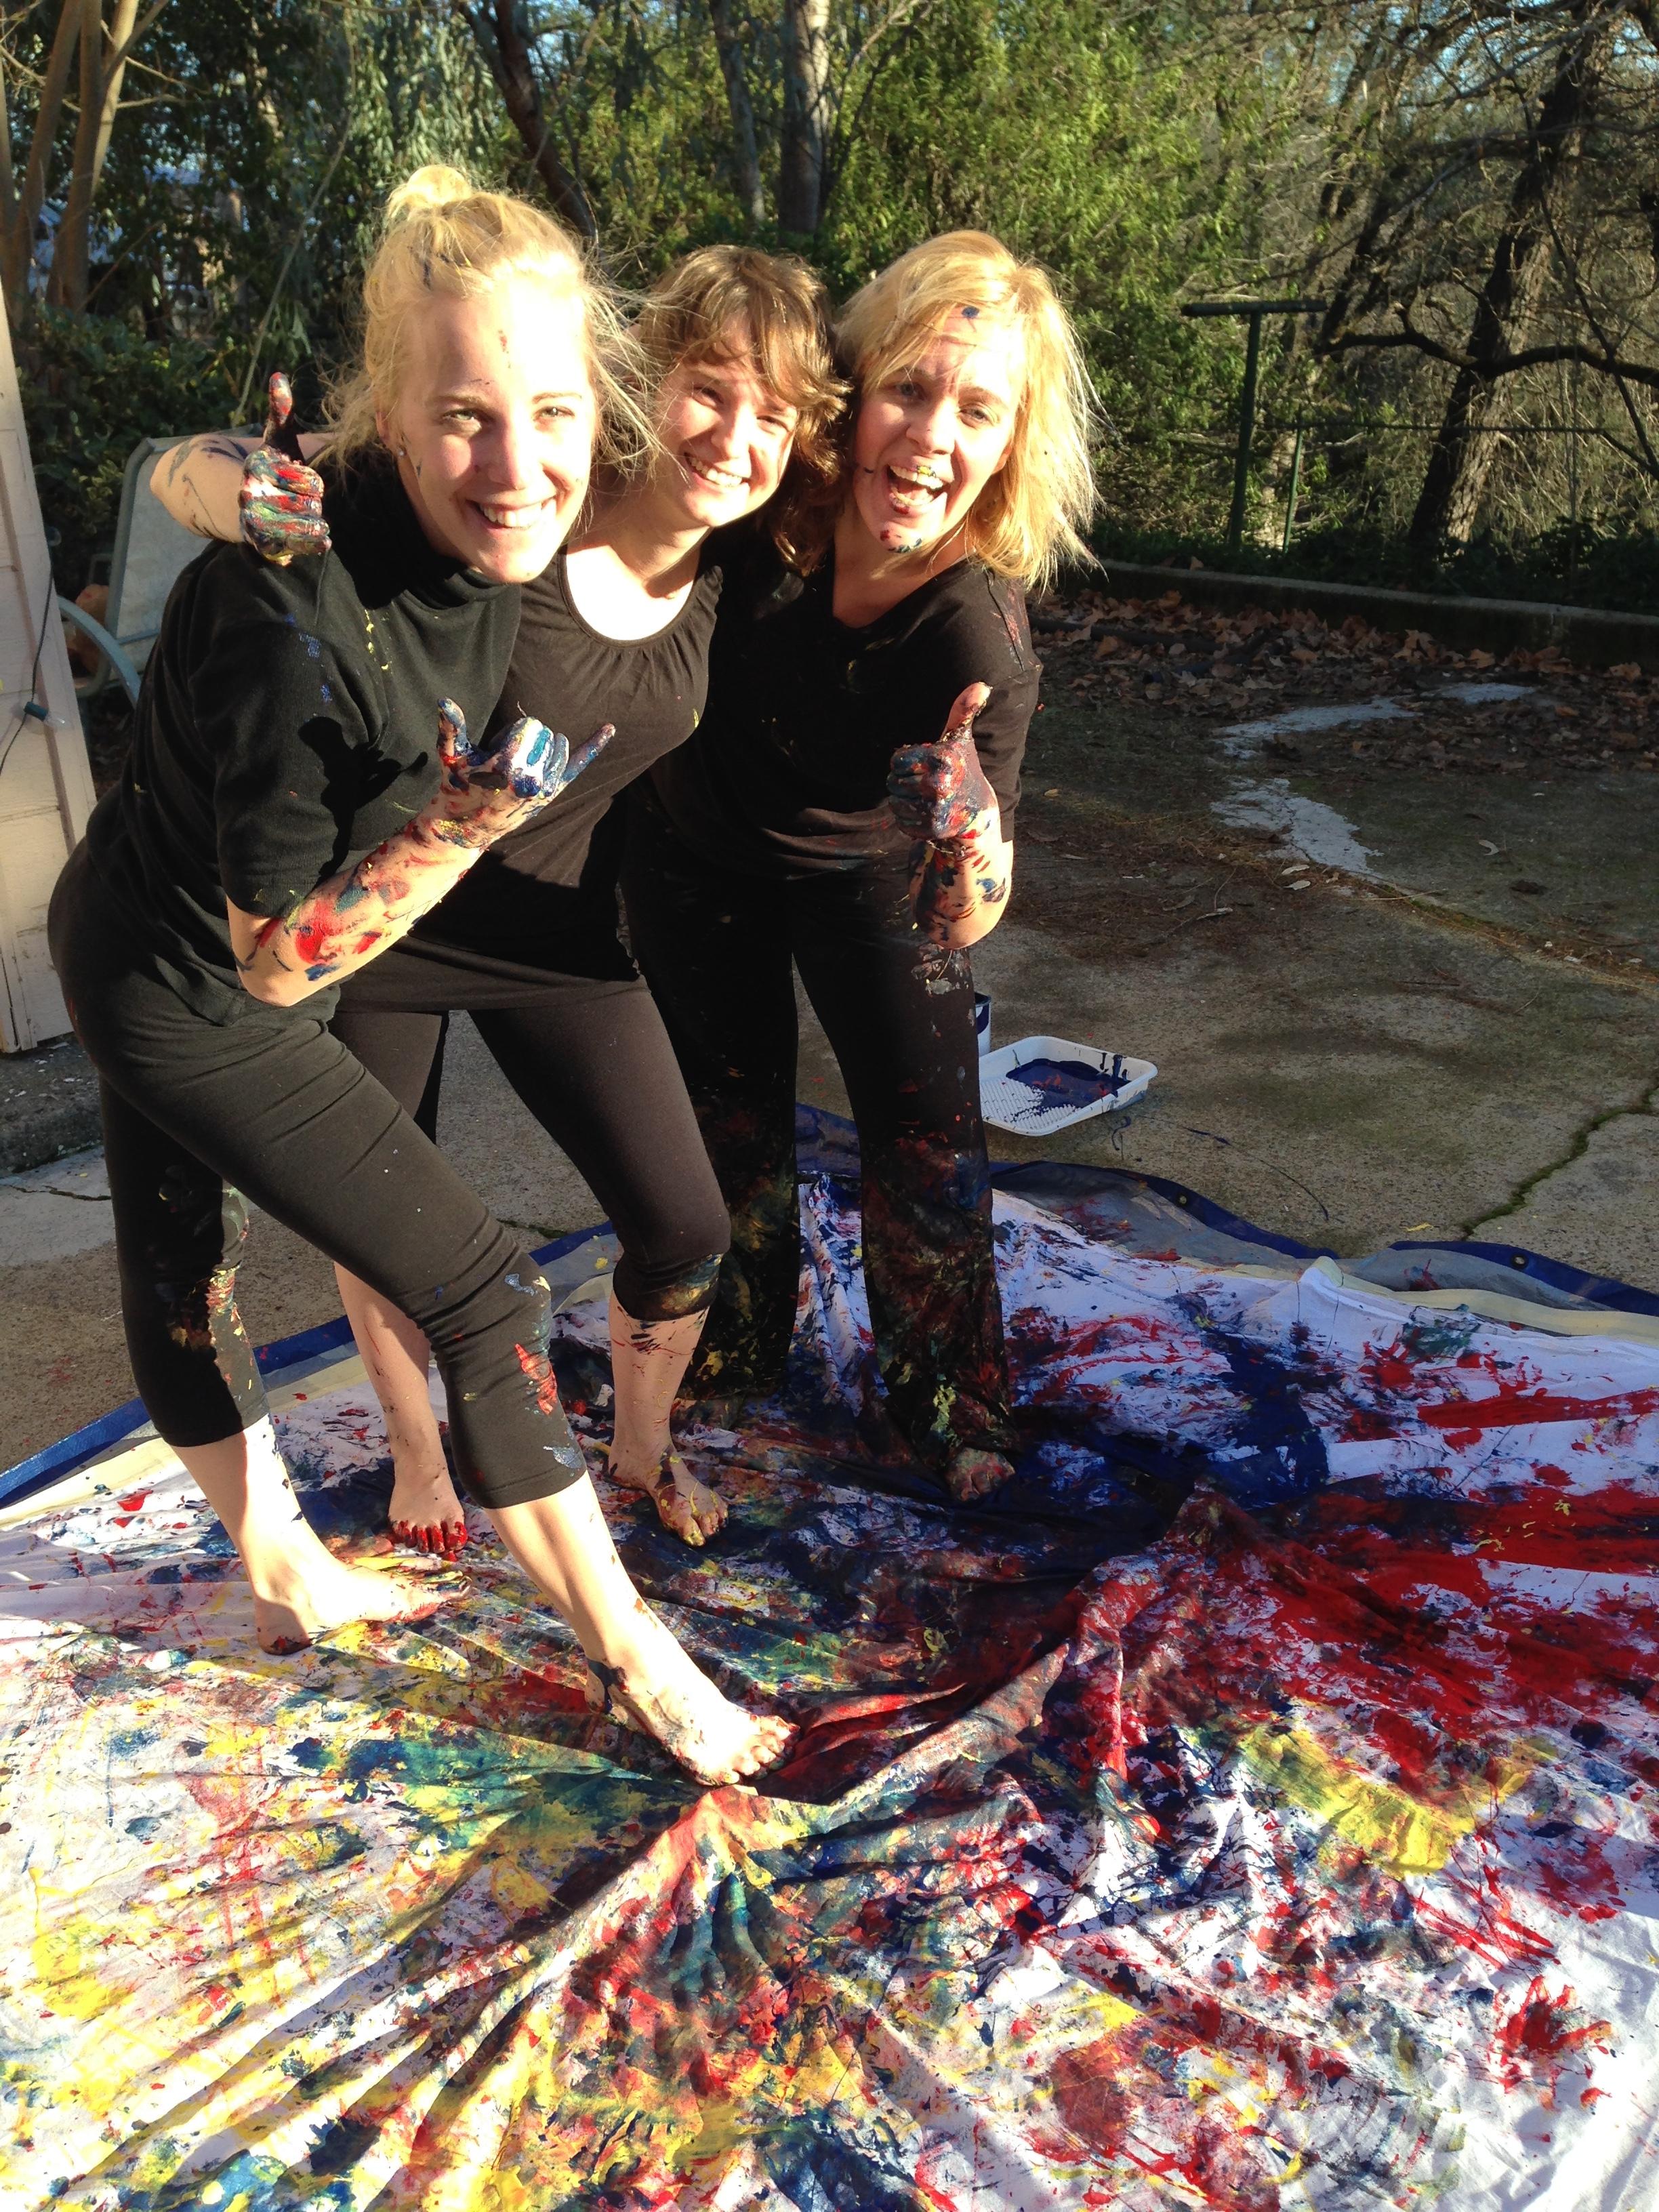 The incredible Katharina, Elisa, and Carmella!